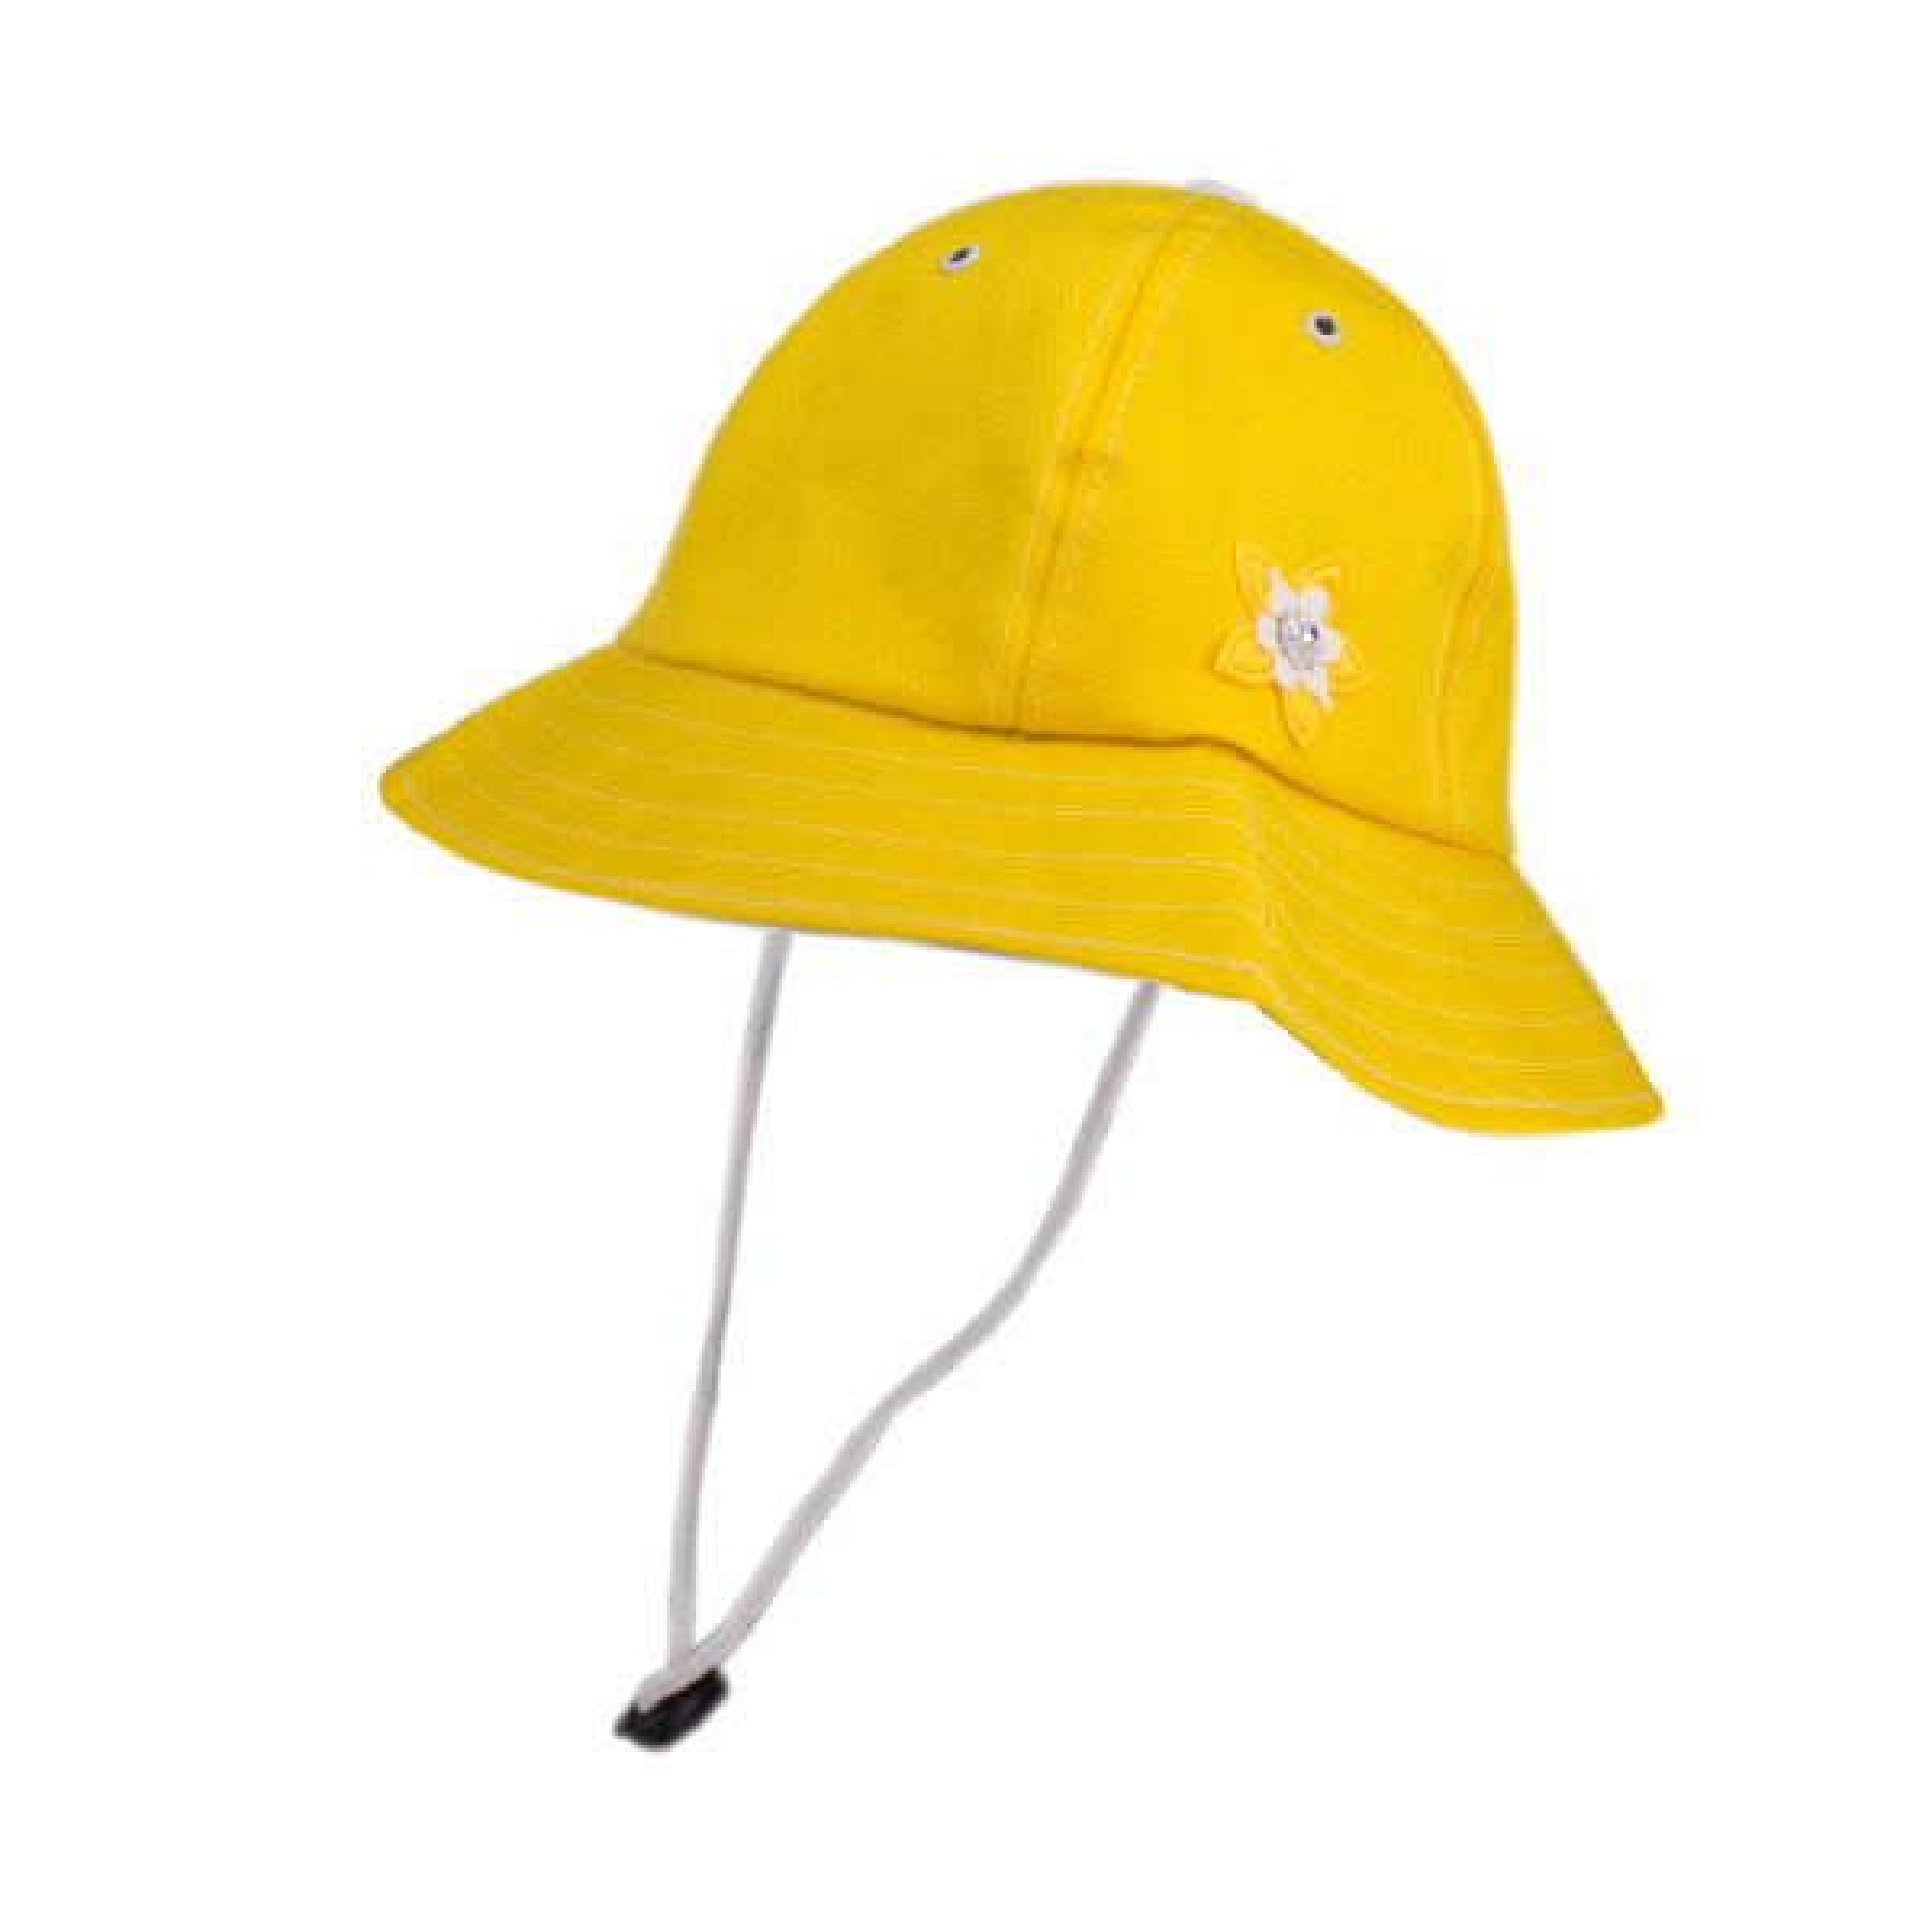 کلاه آفتابگیر بچگانه طرح گل کد KOB-32